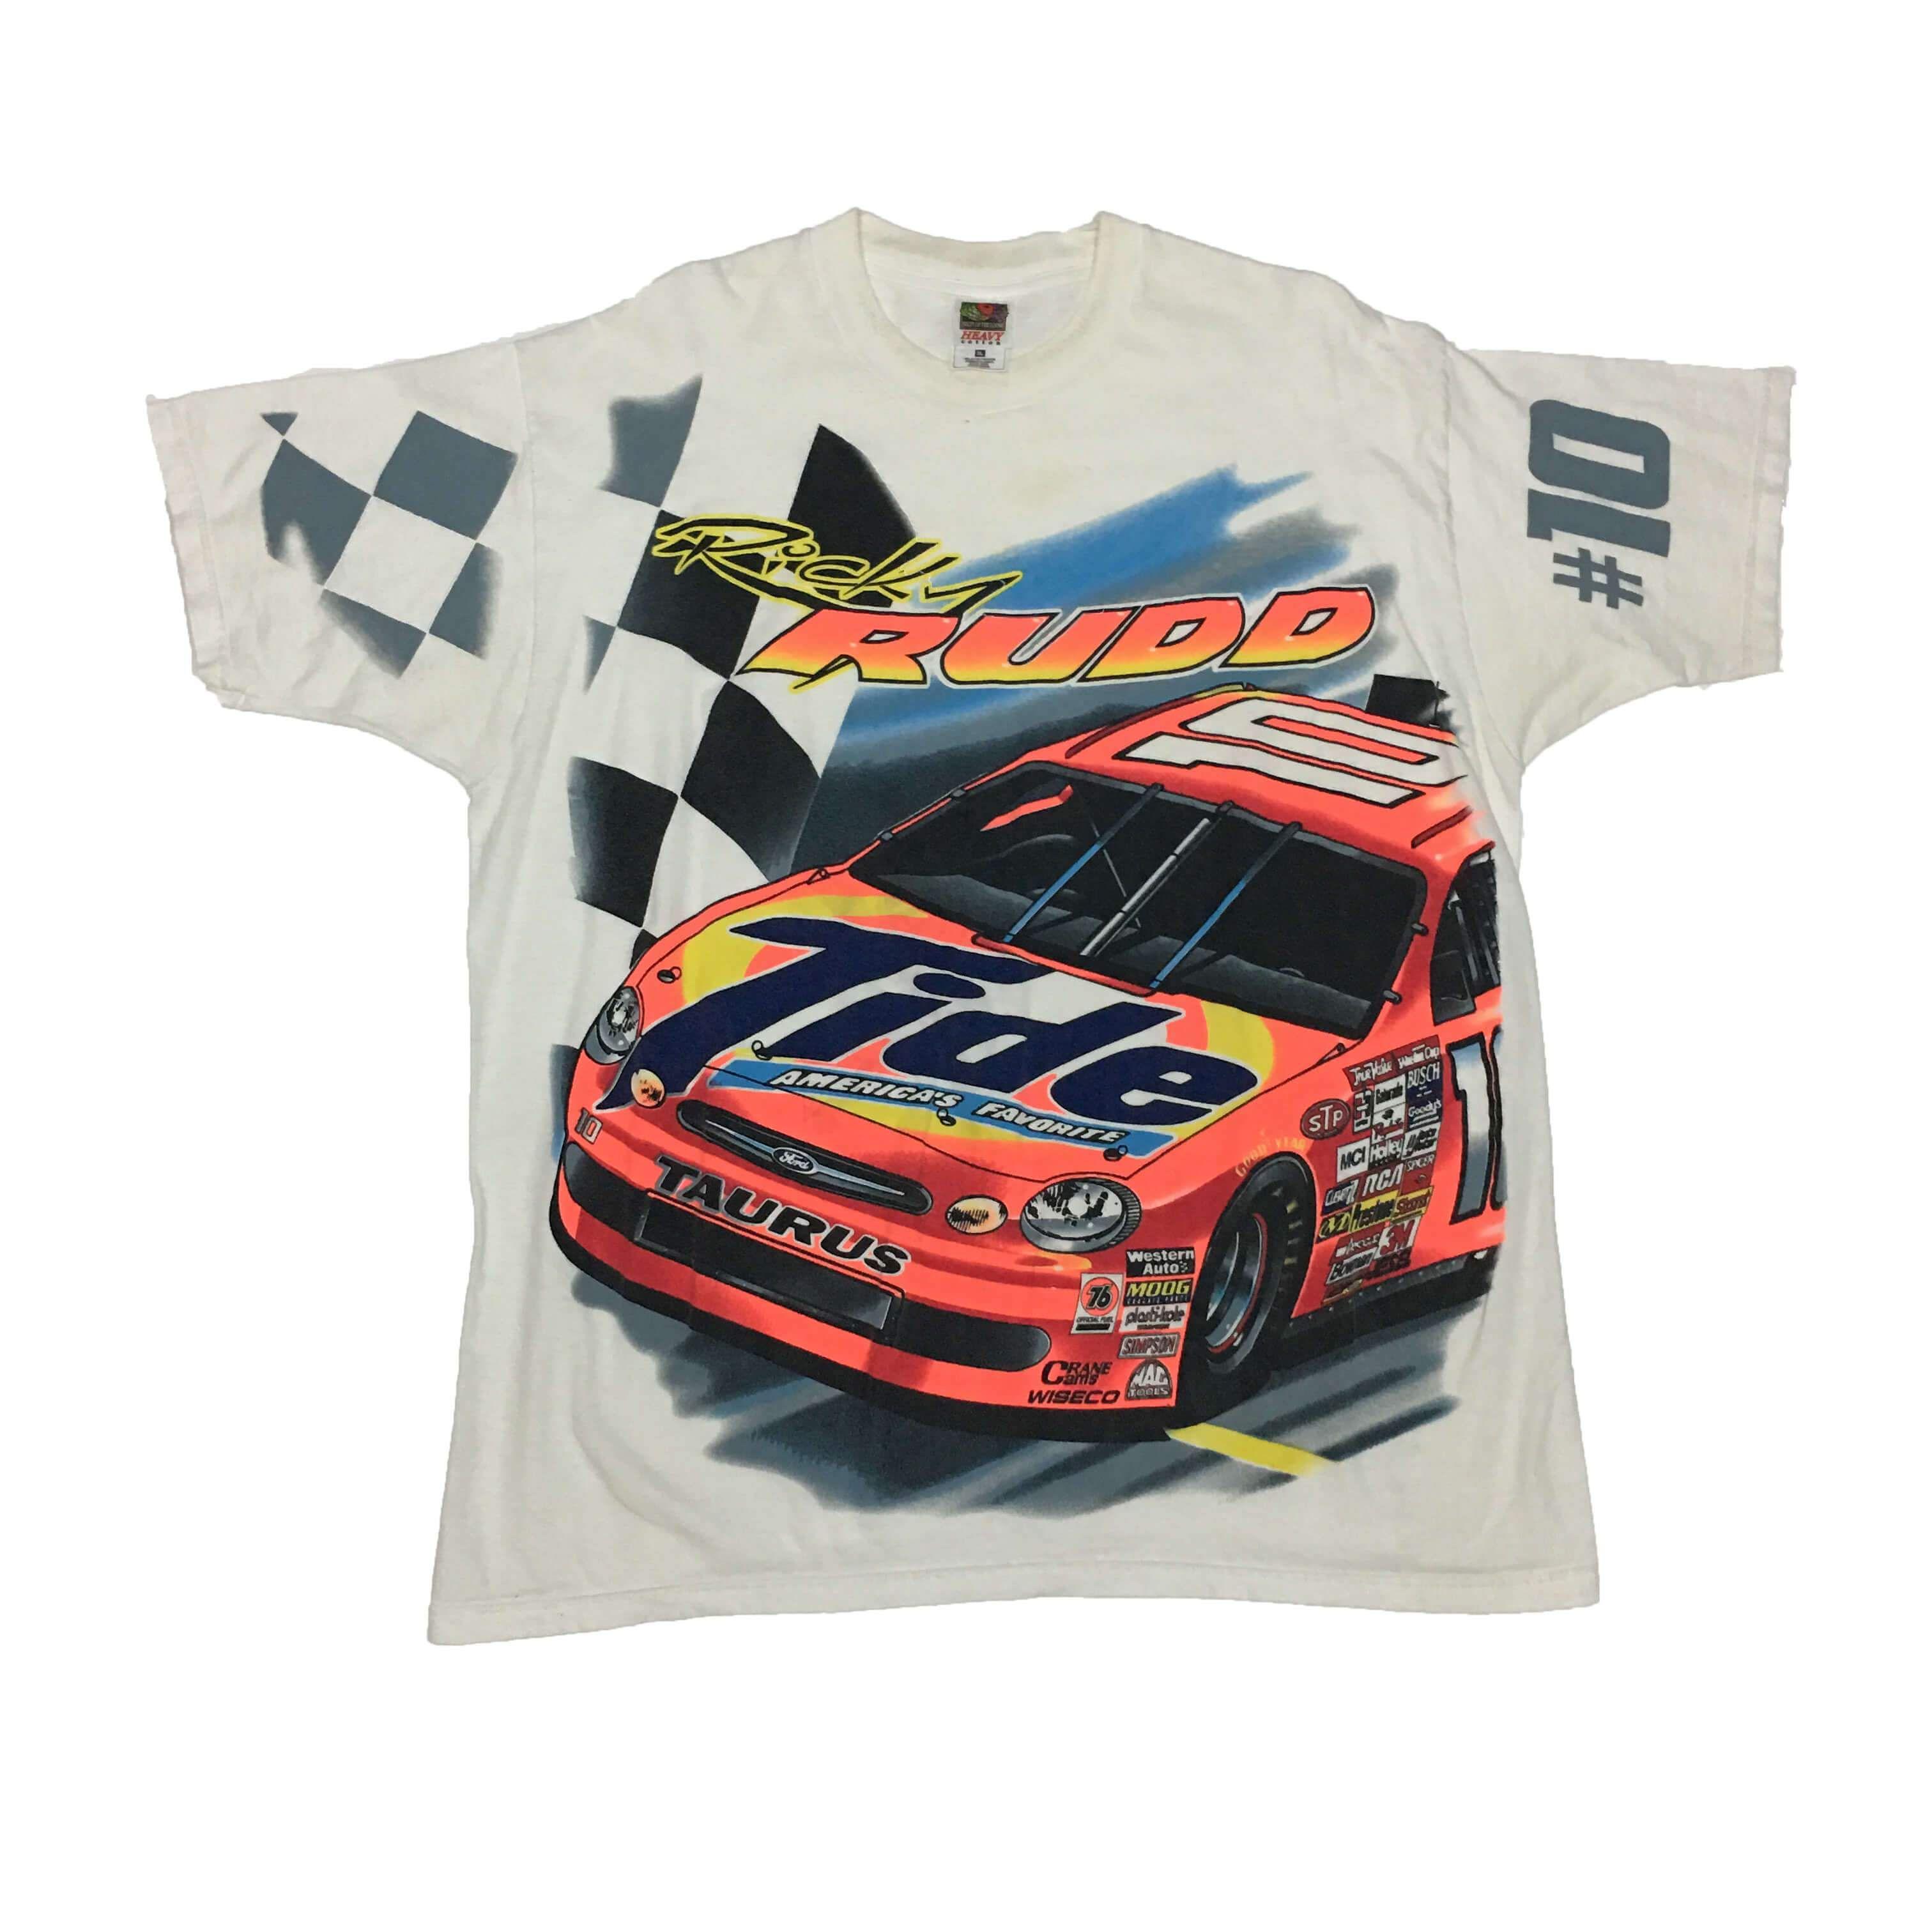 Vintage Nascar Ricky Rudd 10 T Shirt X Large T Shirt Racing Shirts Shirts